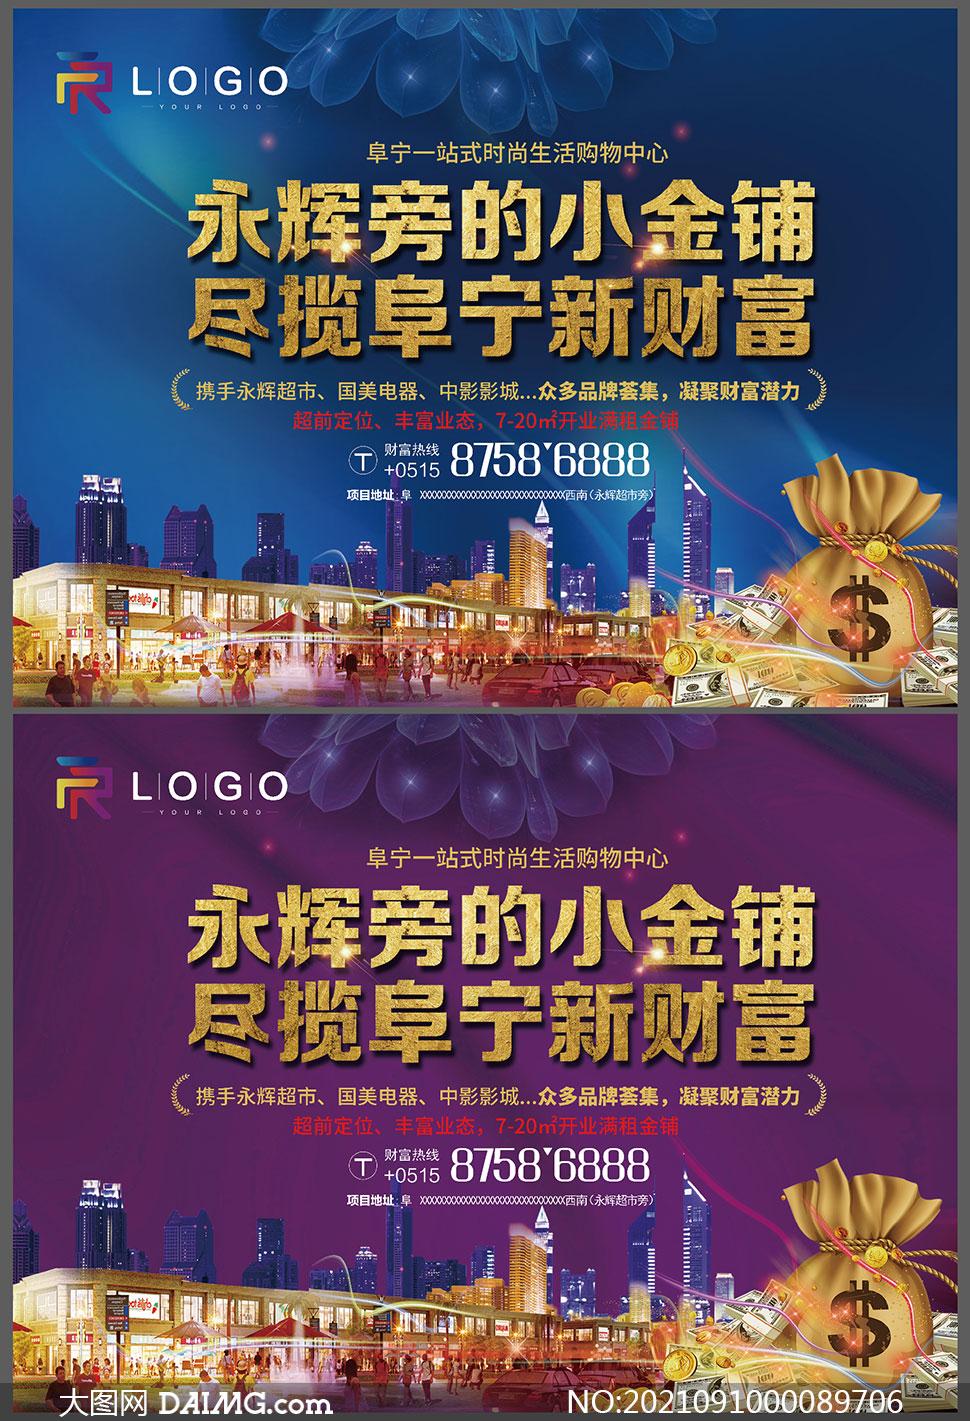 商业购物中心招商海报设计矢量素材